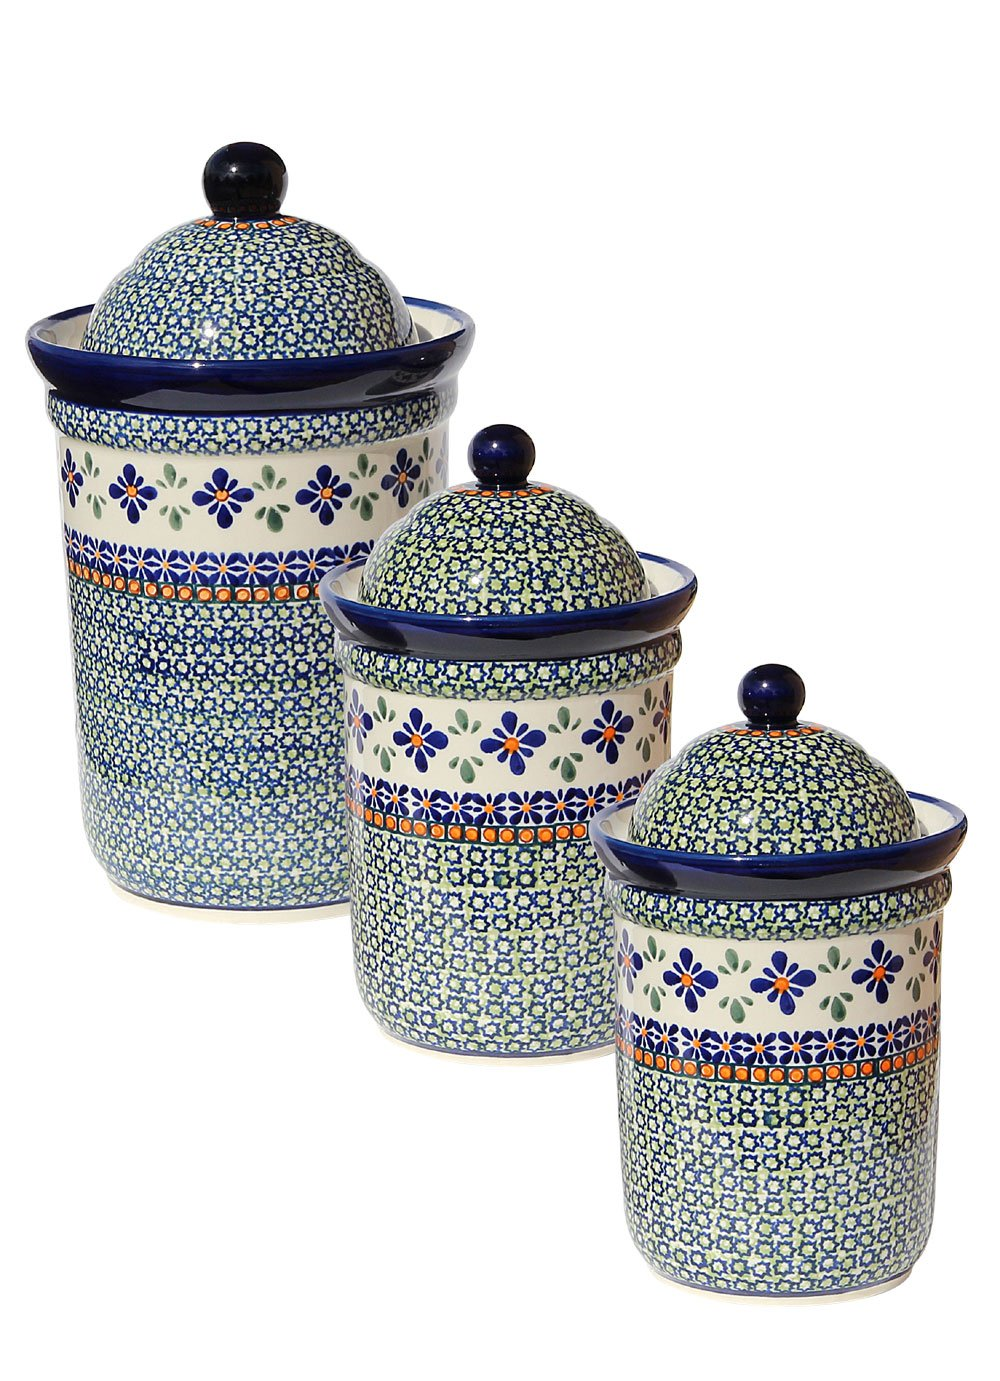 Polish Pottery 3 Pc Canister Set From Zaklady Ceramiczne Boleslawiec 1244/1243-du60